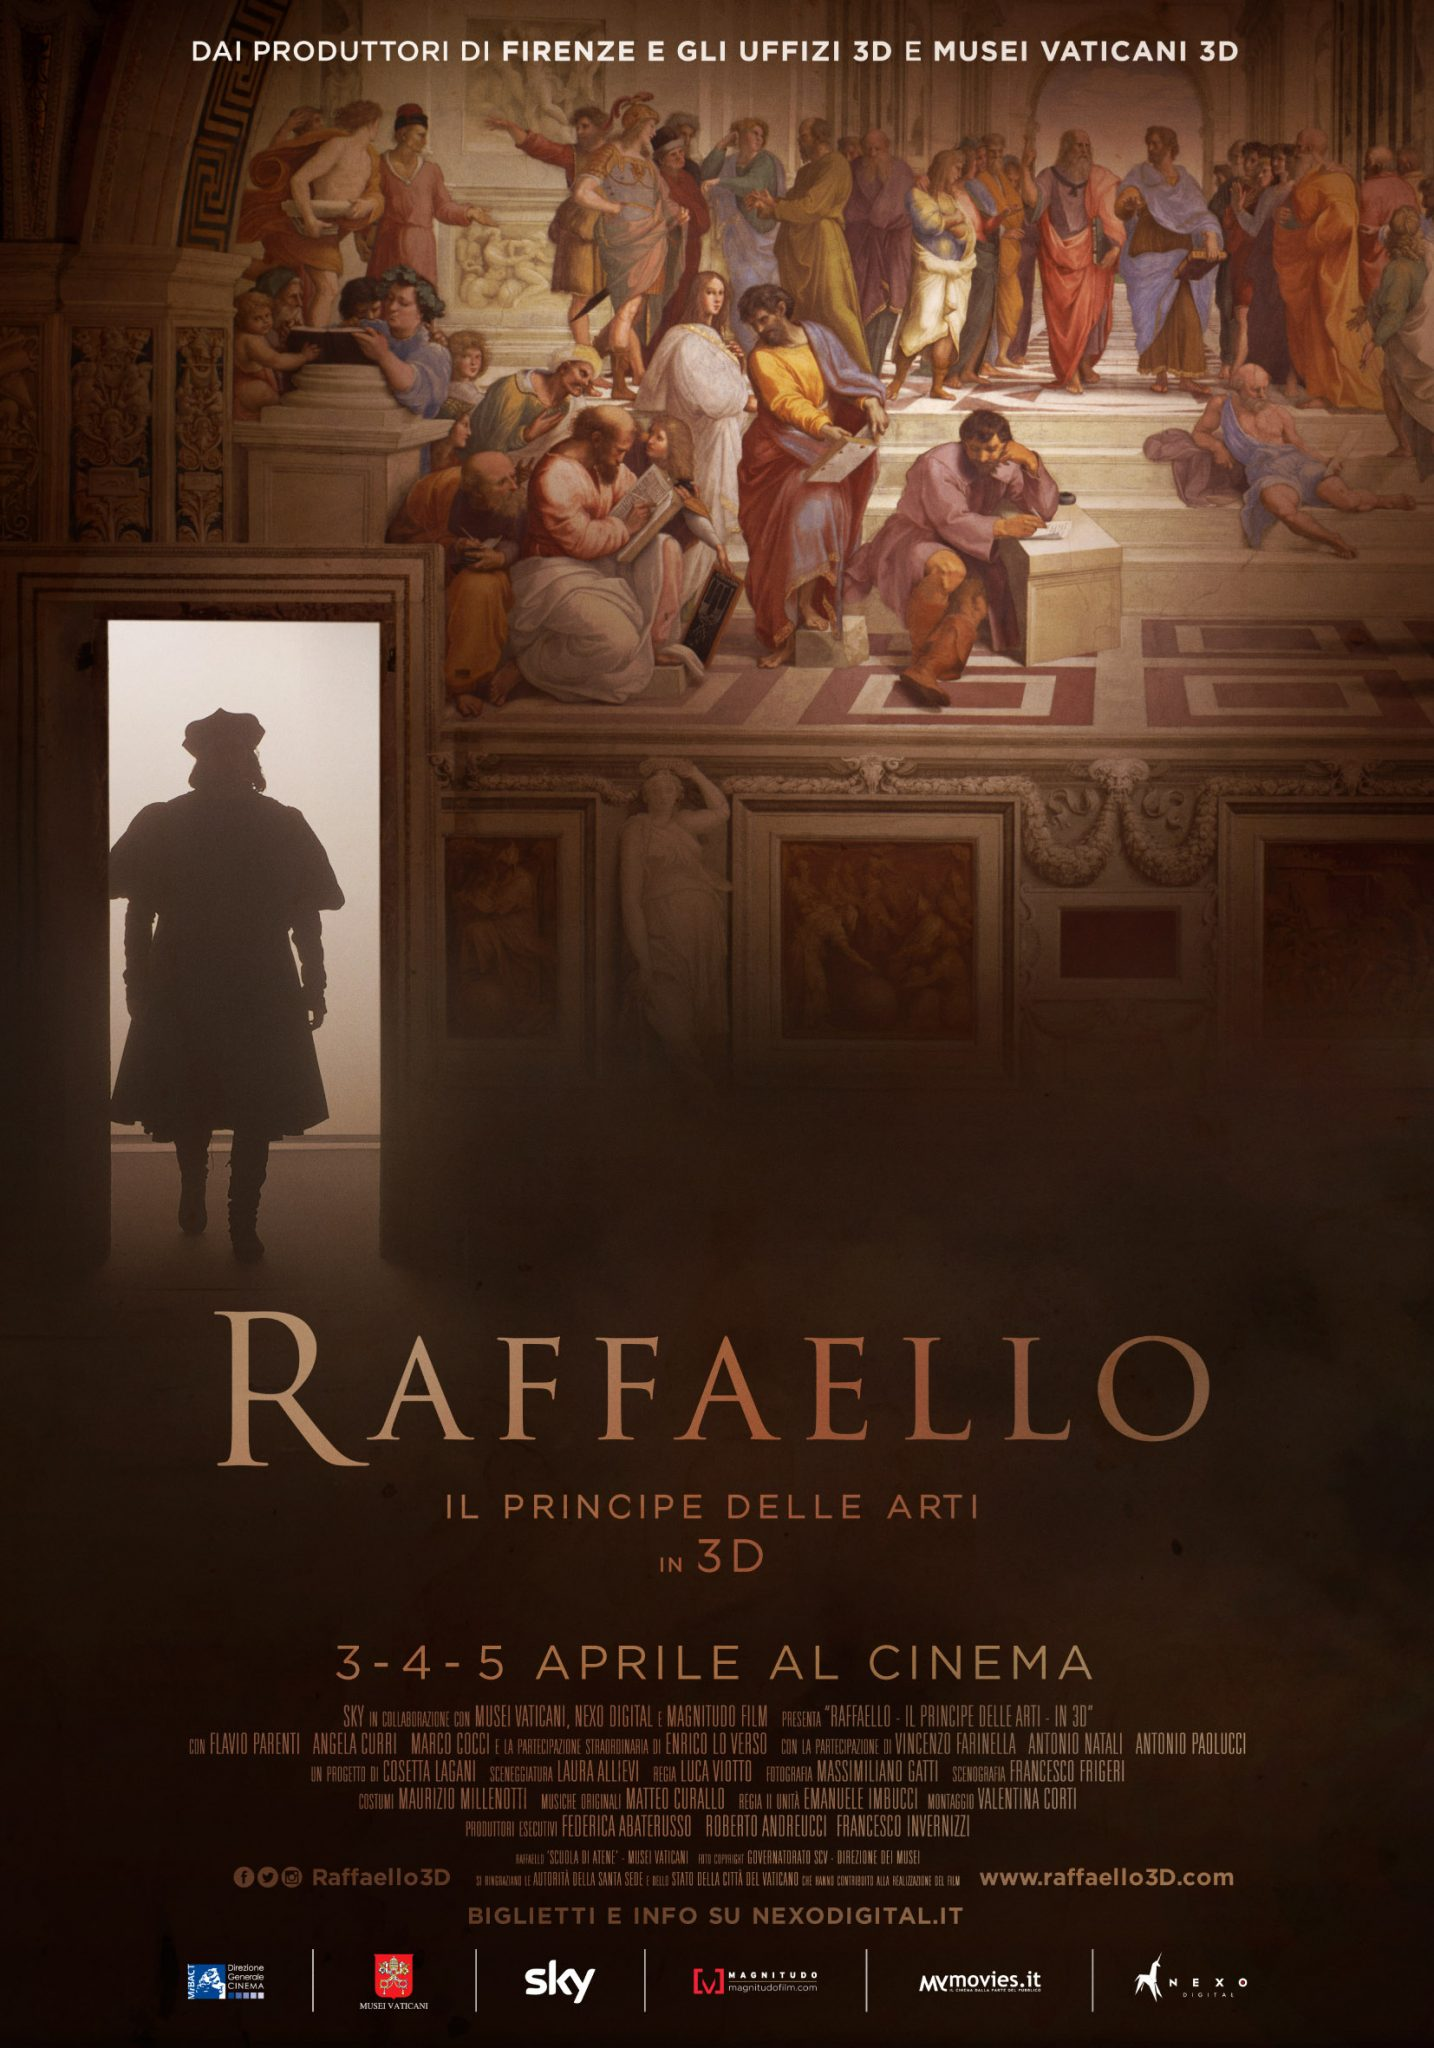 raffaello_3D_poster_100x140-1raffaello_3D_poster_100x140-1raffaello_3D_poster_100x140-1